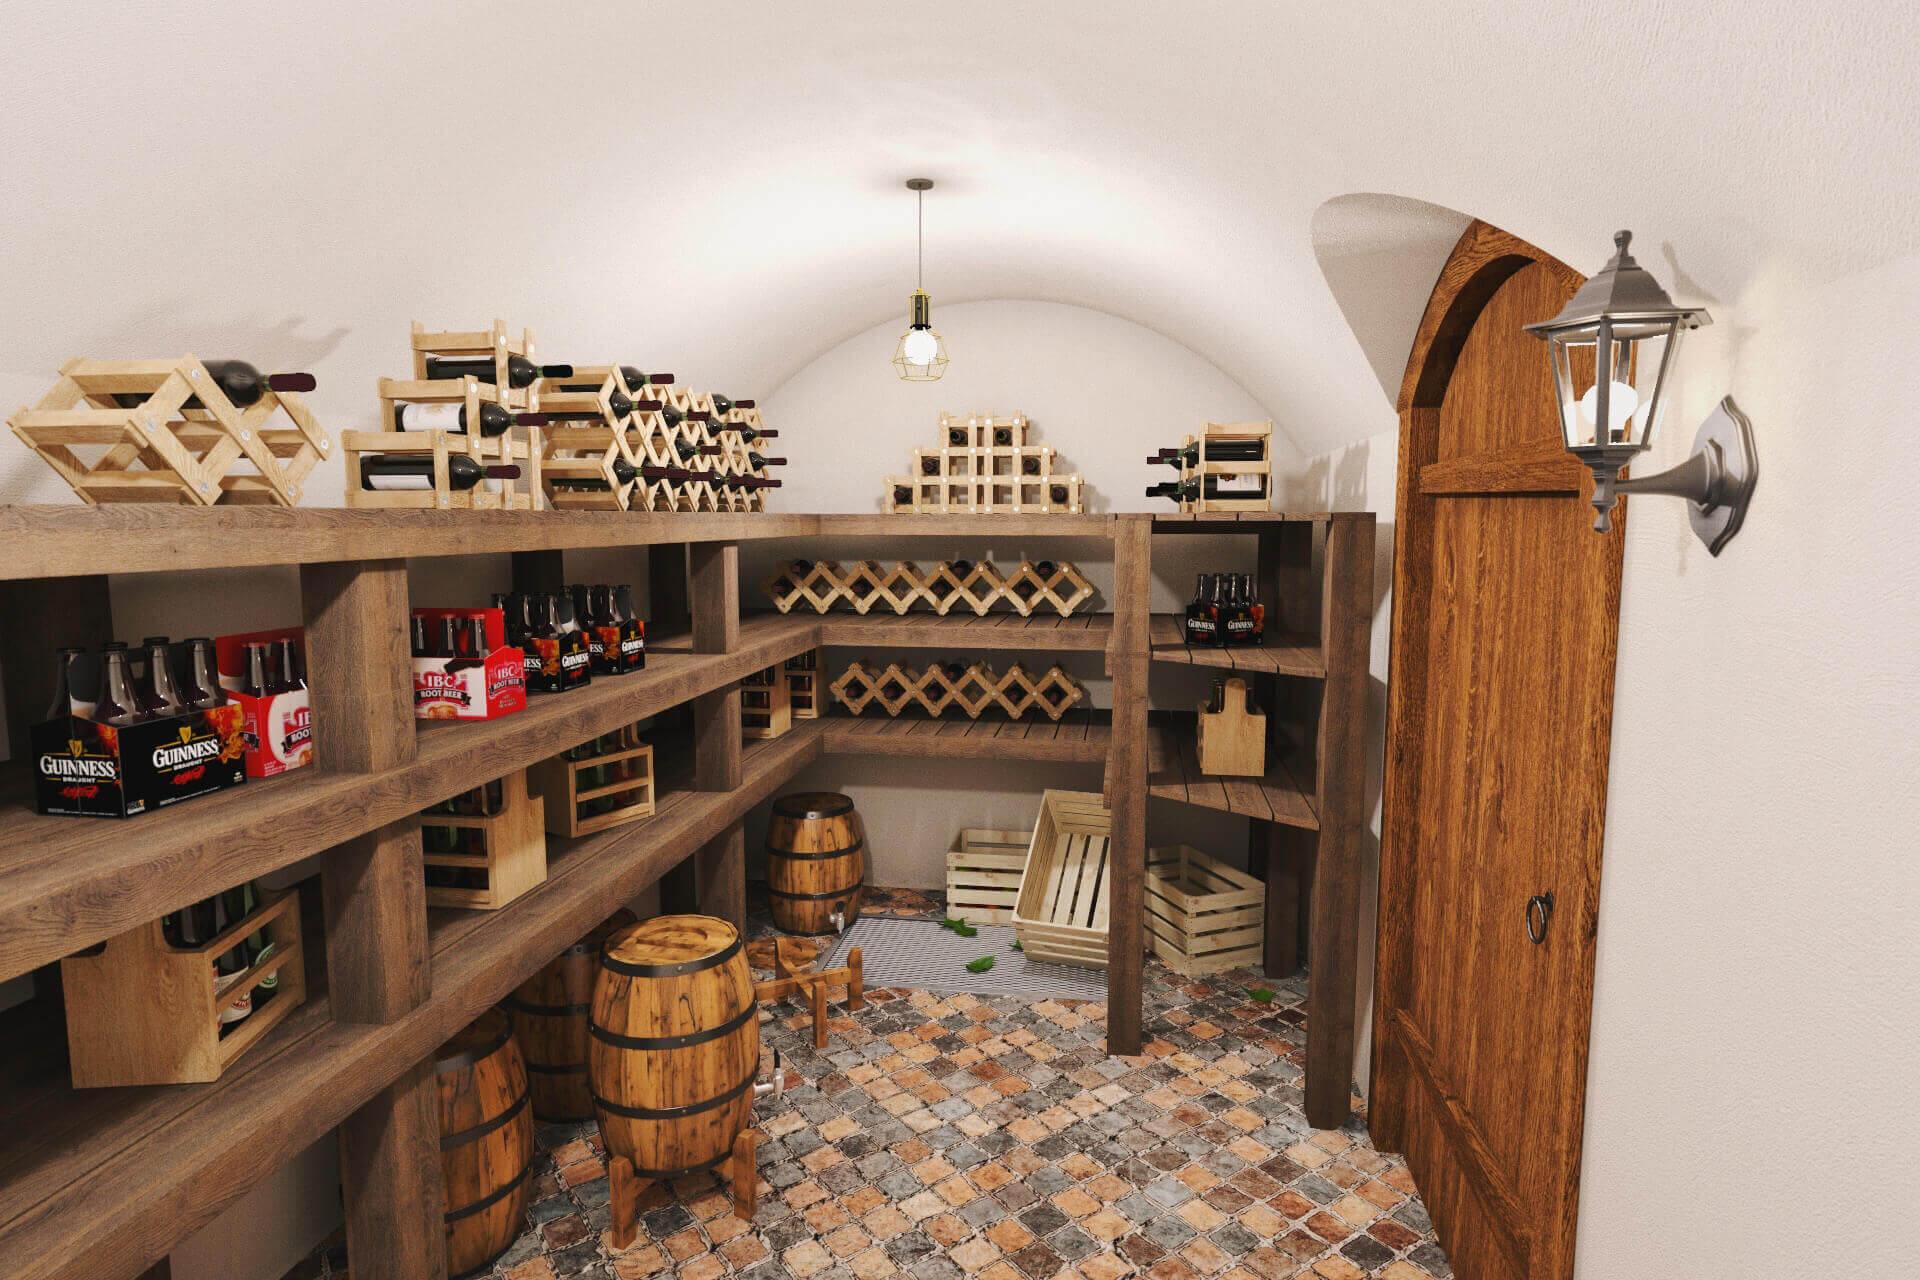 Beer or cider cellar